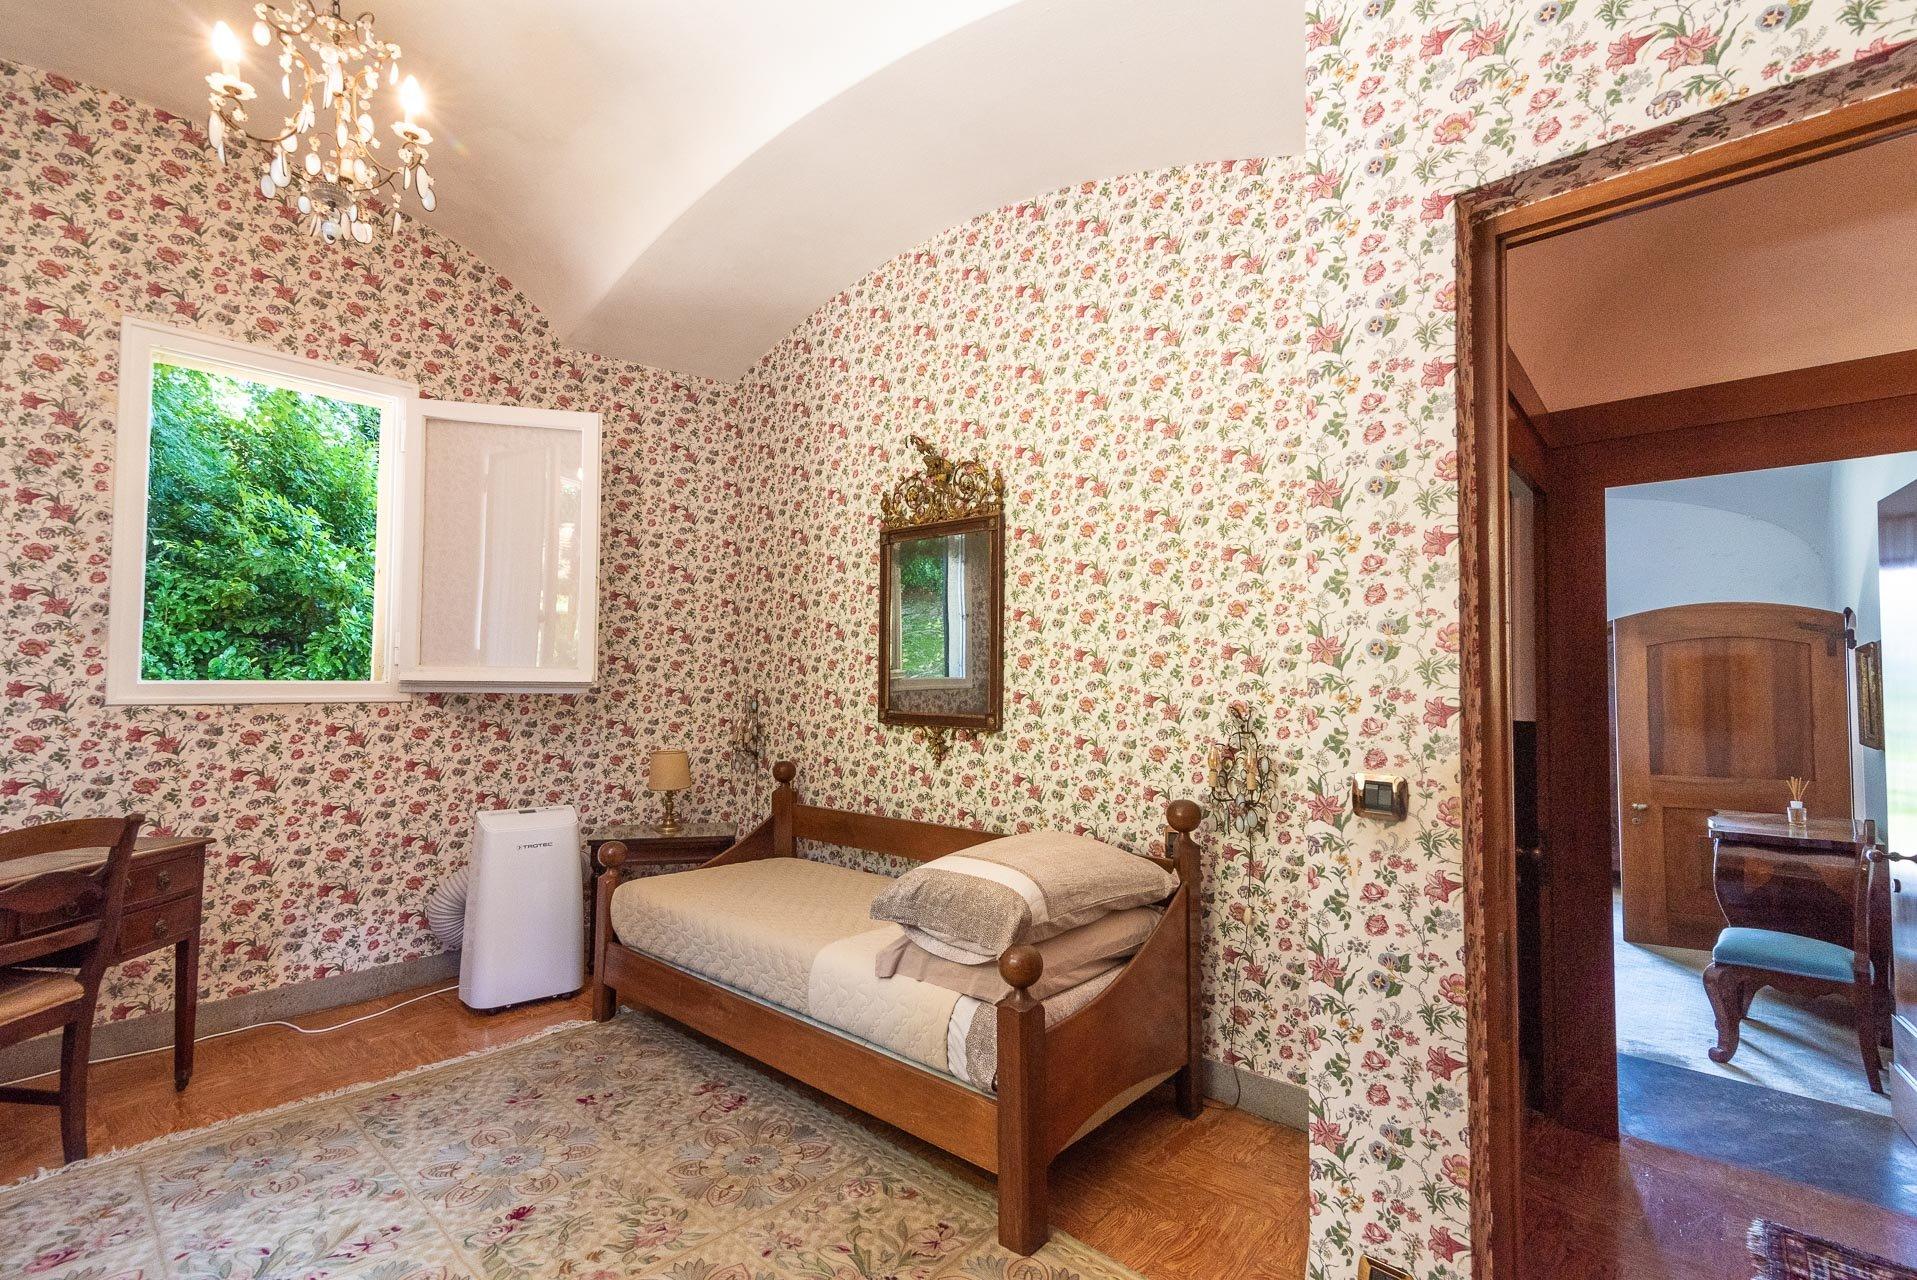 Elegant lake view villa for sale in Stresa - single bedroom